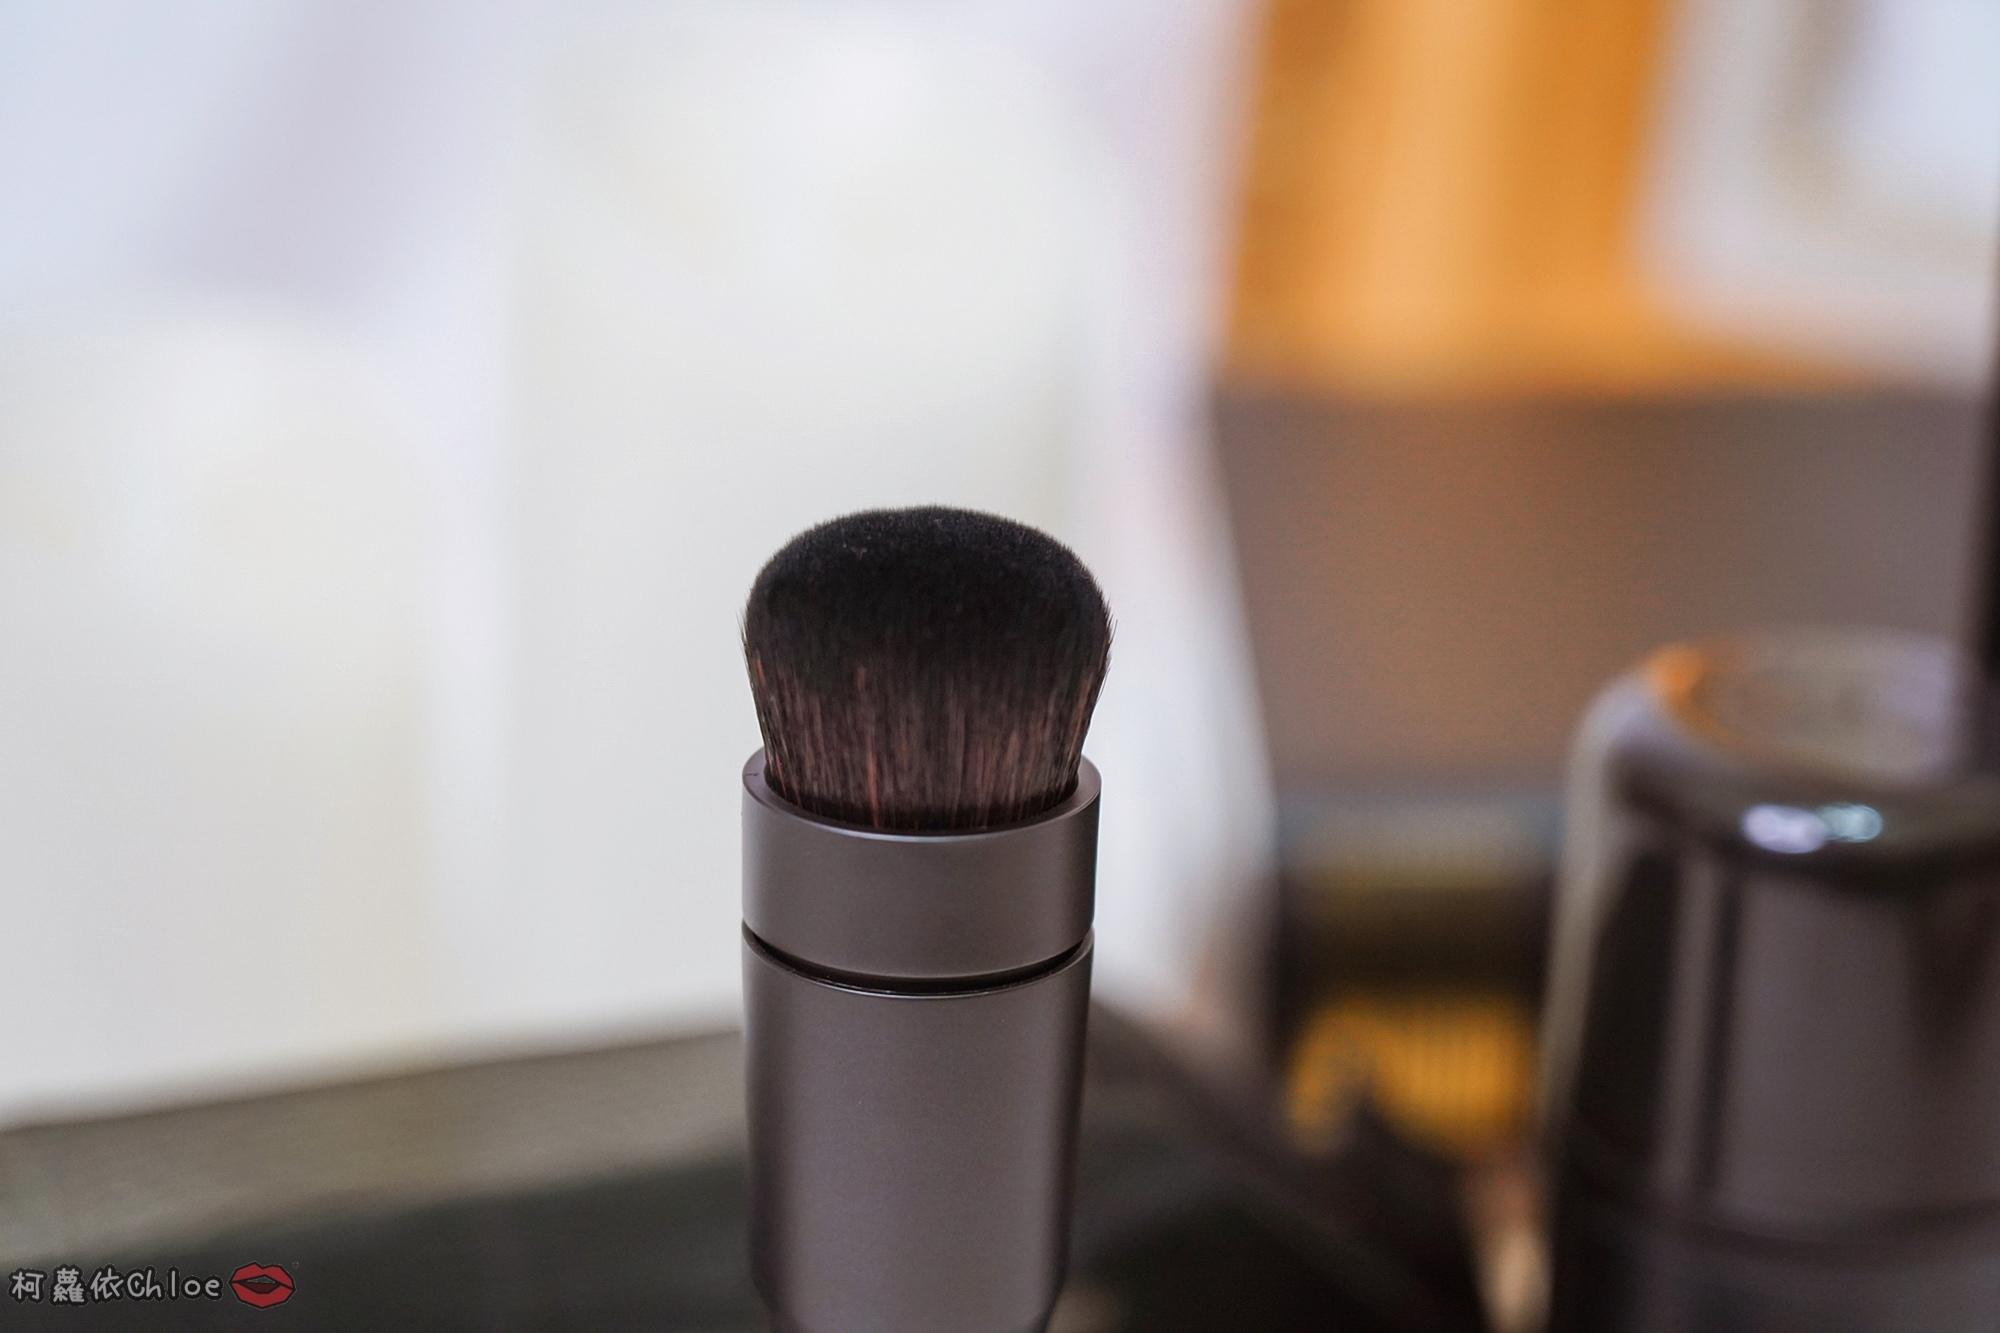 彩妝工具推薦 blendSMART電動化妝刷 達人套裝開箱 上妝輕柔更有效率31.jpg